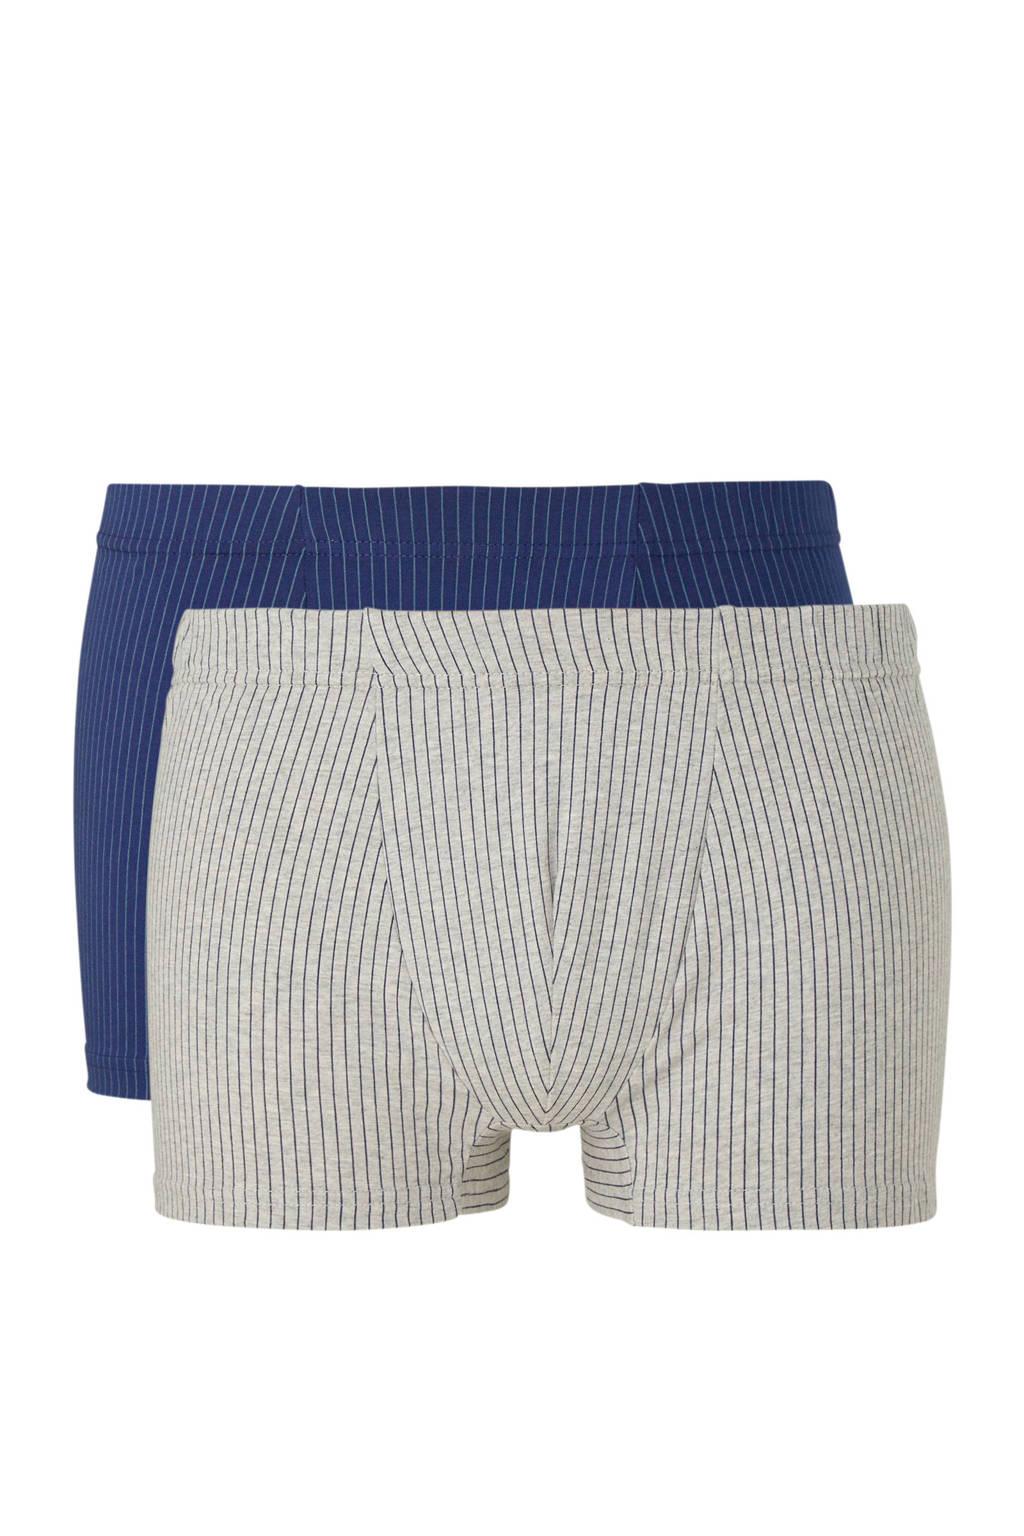 C&A Canda boxershort (set van 2), Blauw/grijs